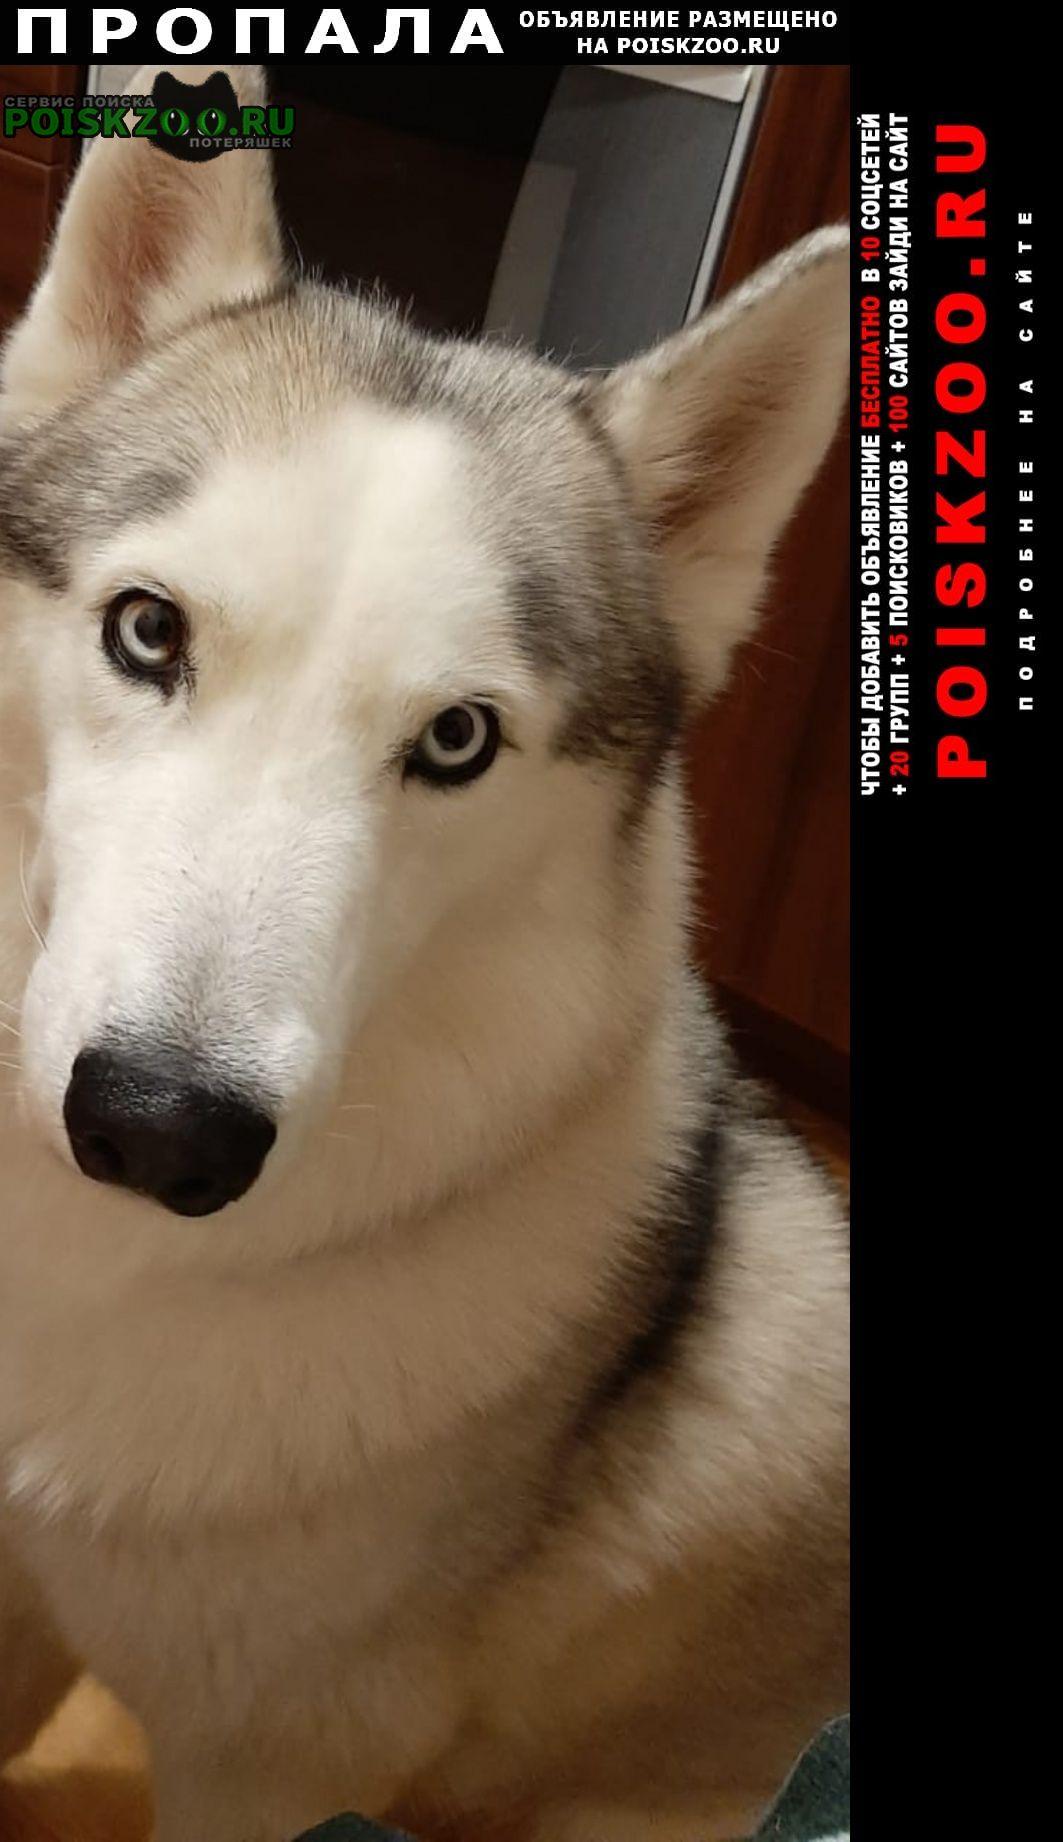 Пропала собака кобель помогите найти Буденновск